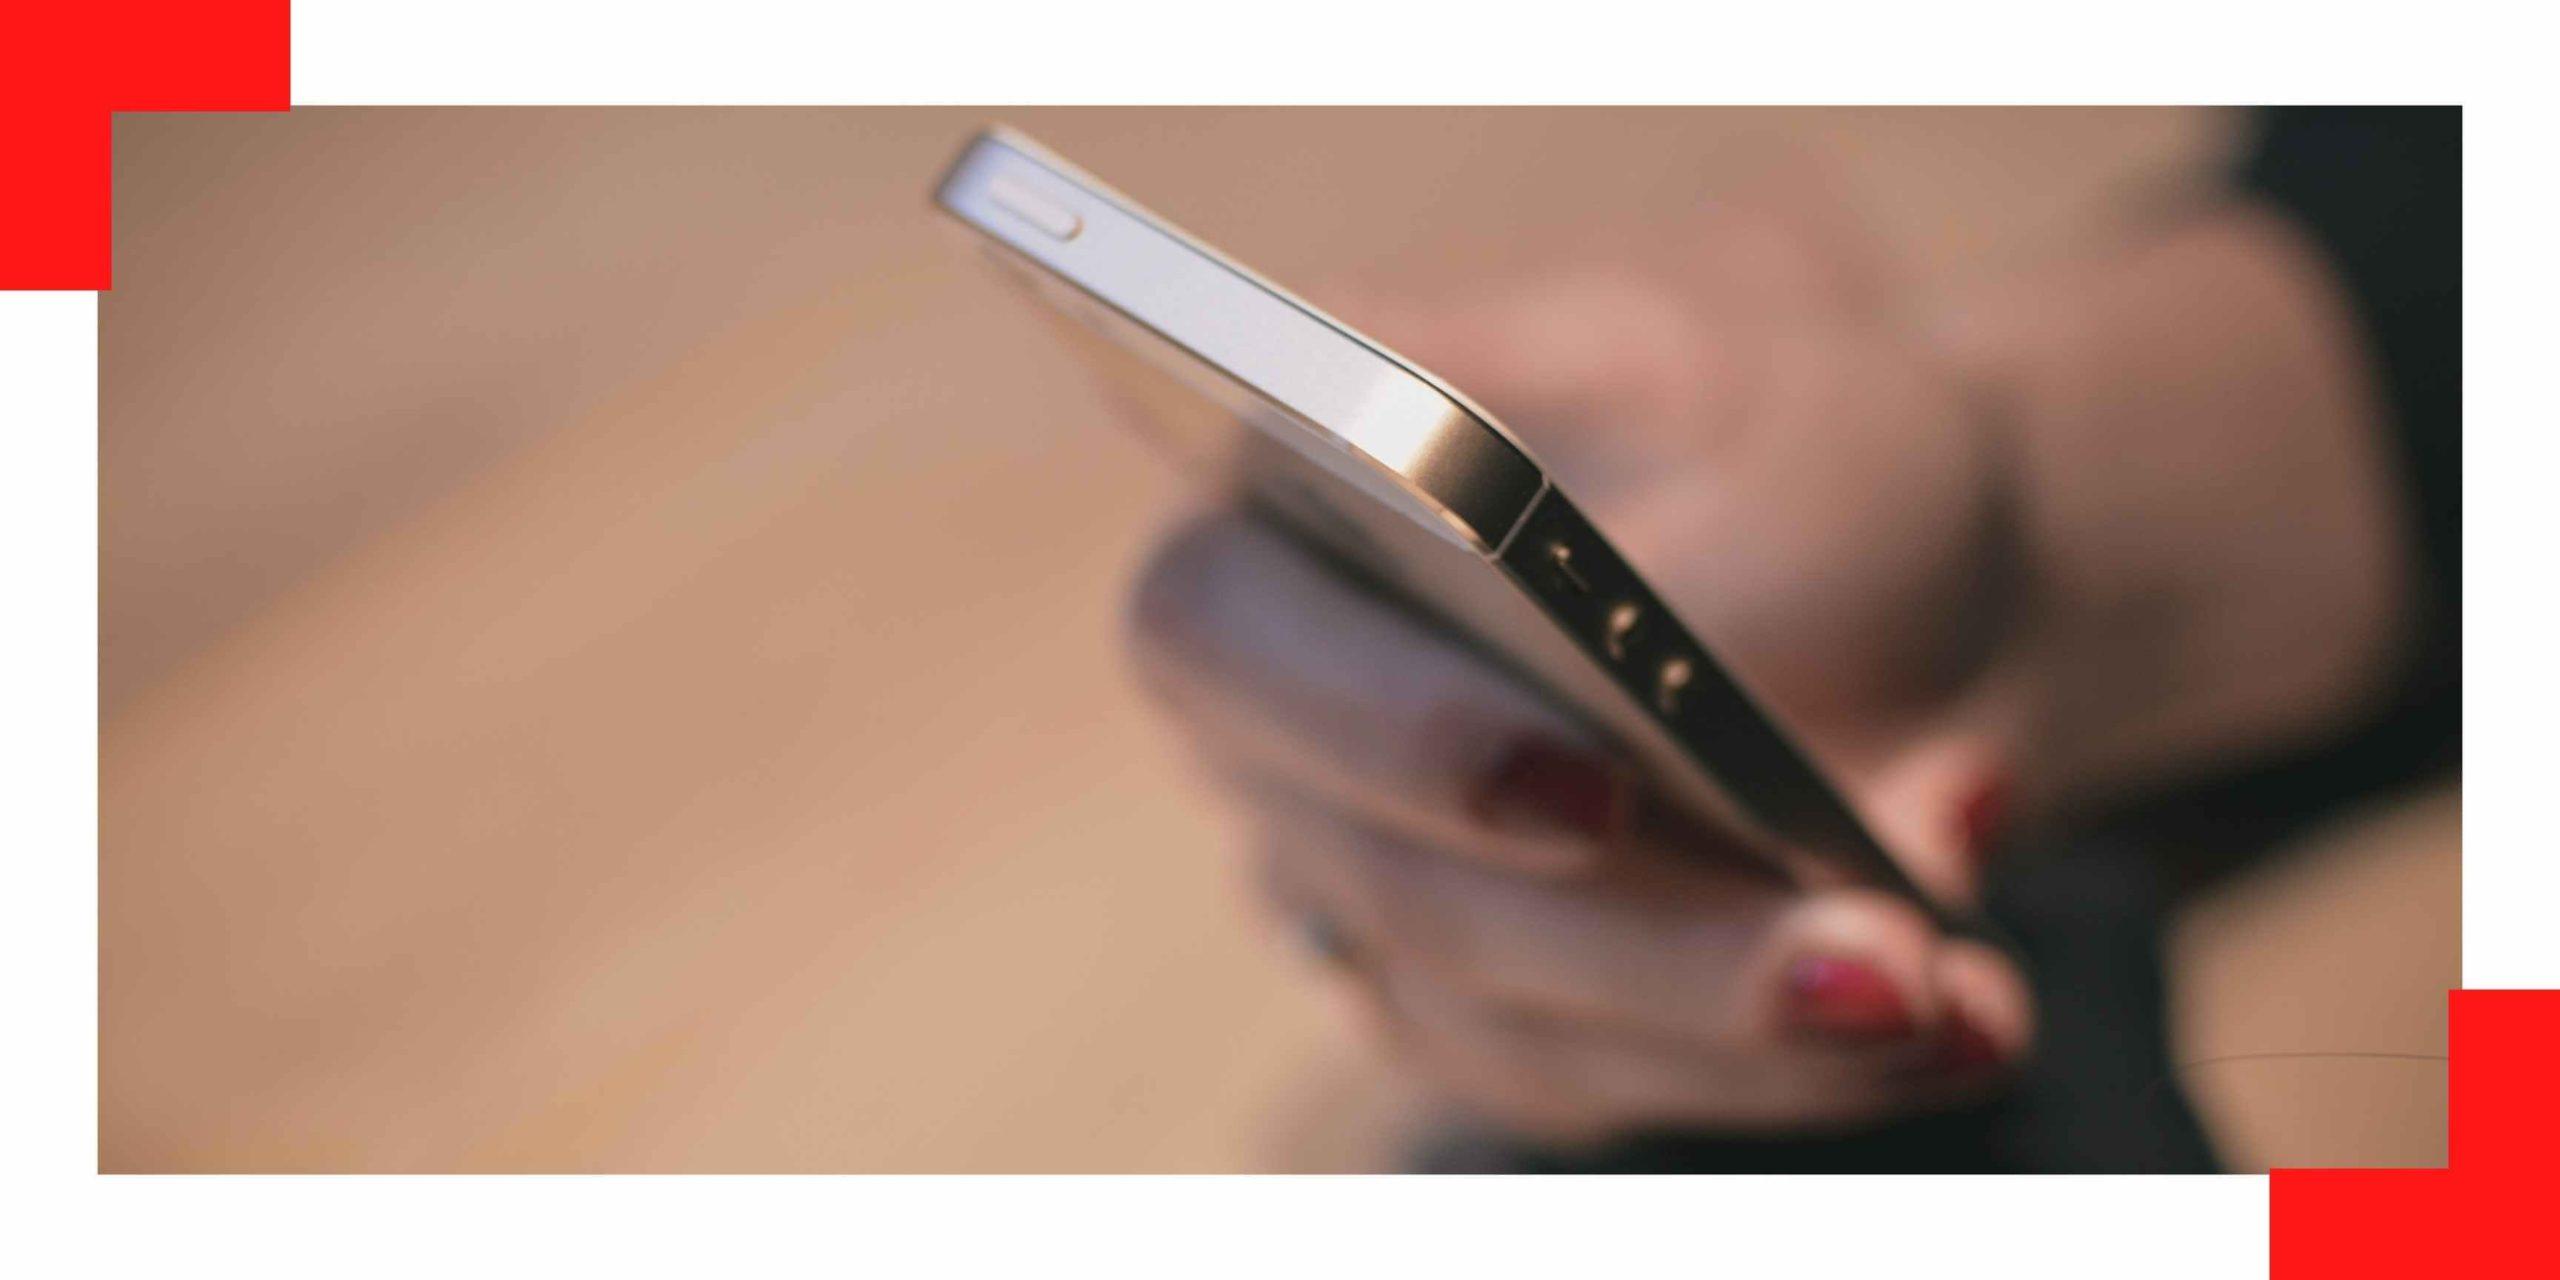 פגישות ייעוץ טלפוניות או וידאו הן ממוקדות ונותנות תוצאות נהדרות